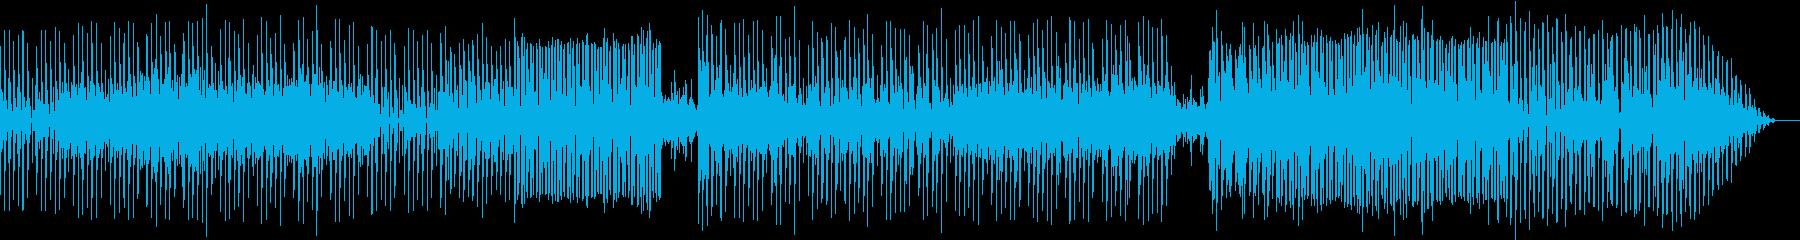 ダンサンブルでクールなエレクトロの再生済みの波形